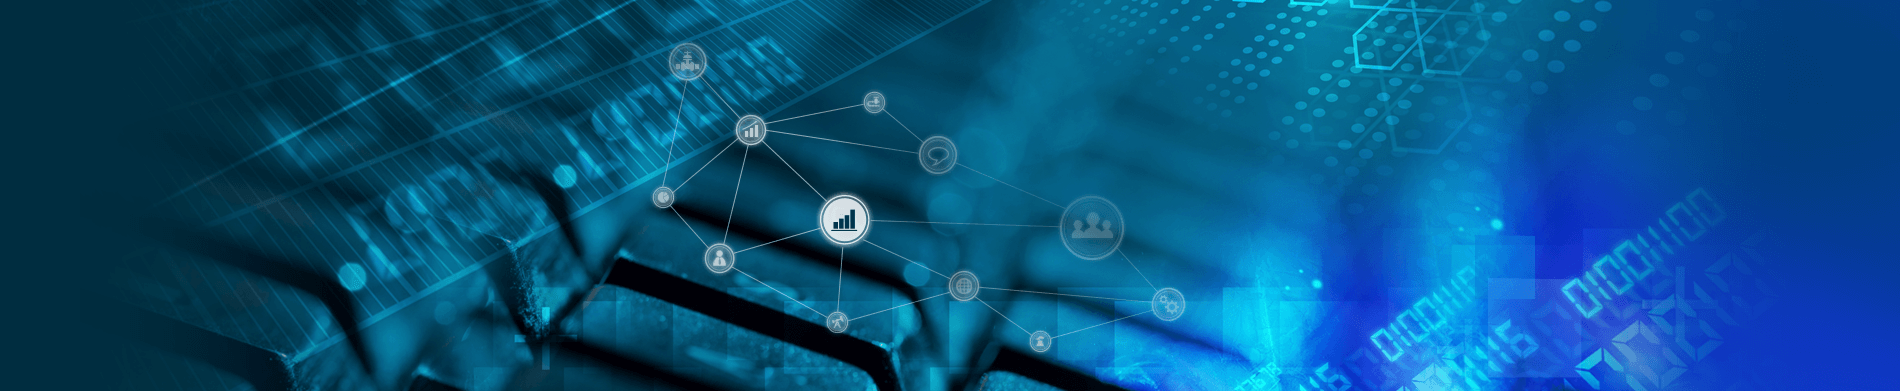 Проектування та розробка інформаційних систем